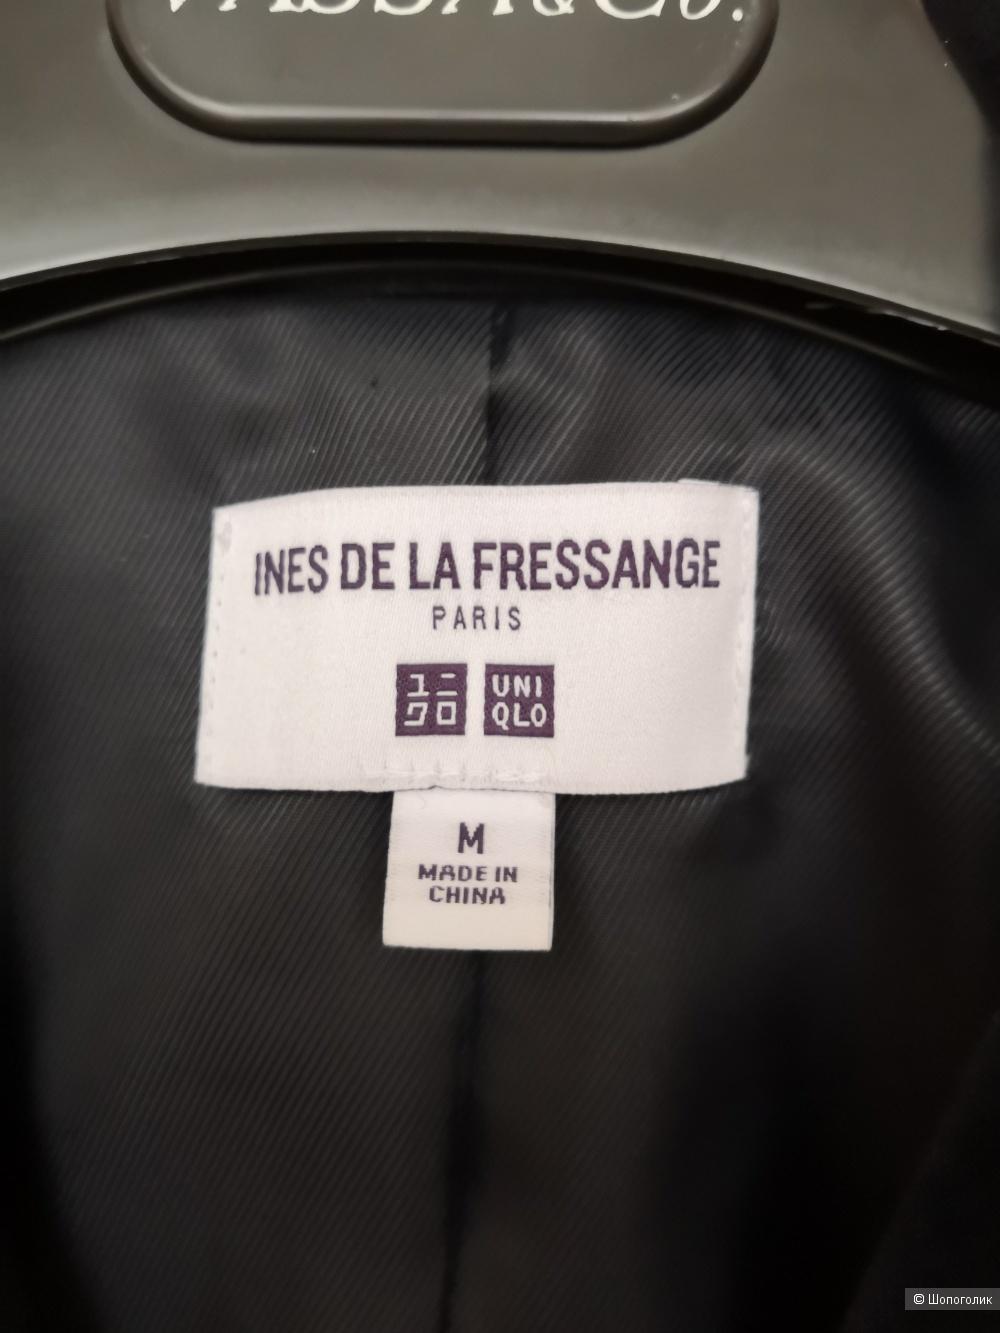 Пиджак Uniqlo Ines de la Fressange разм. М